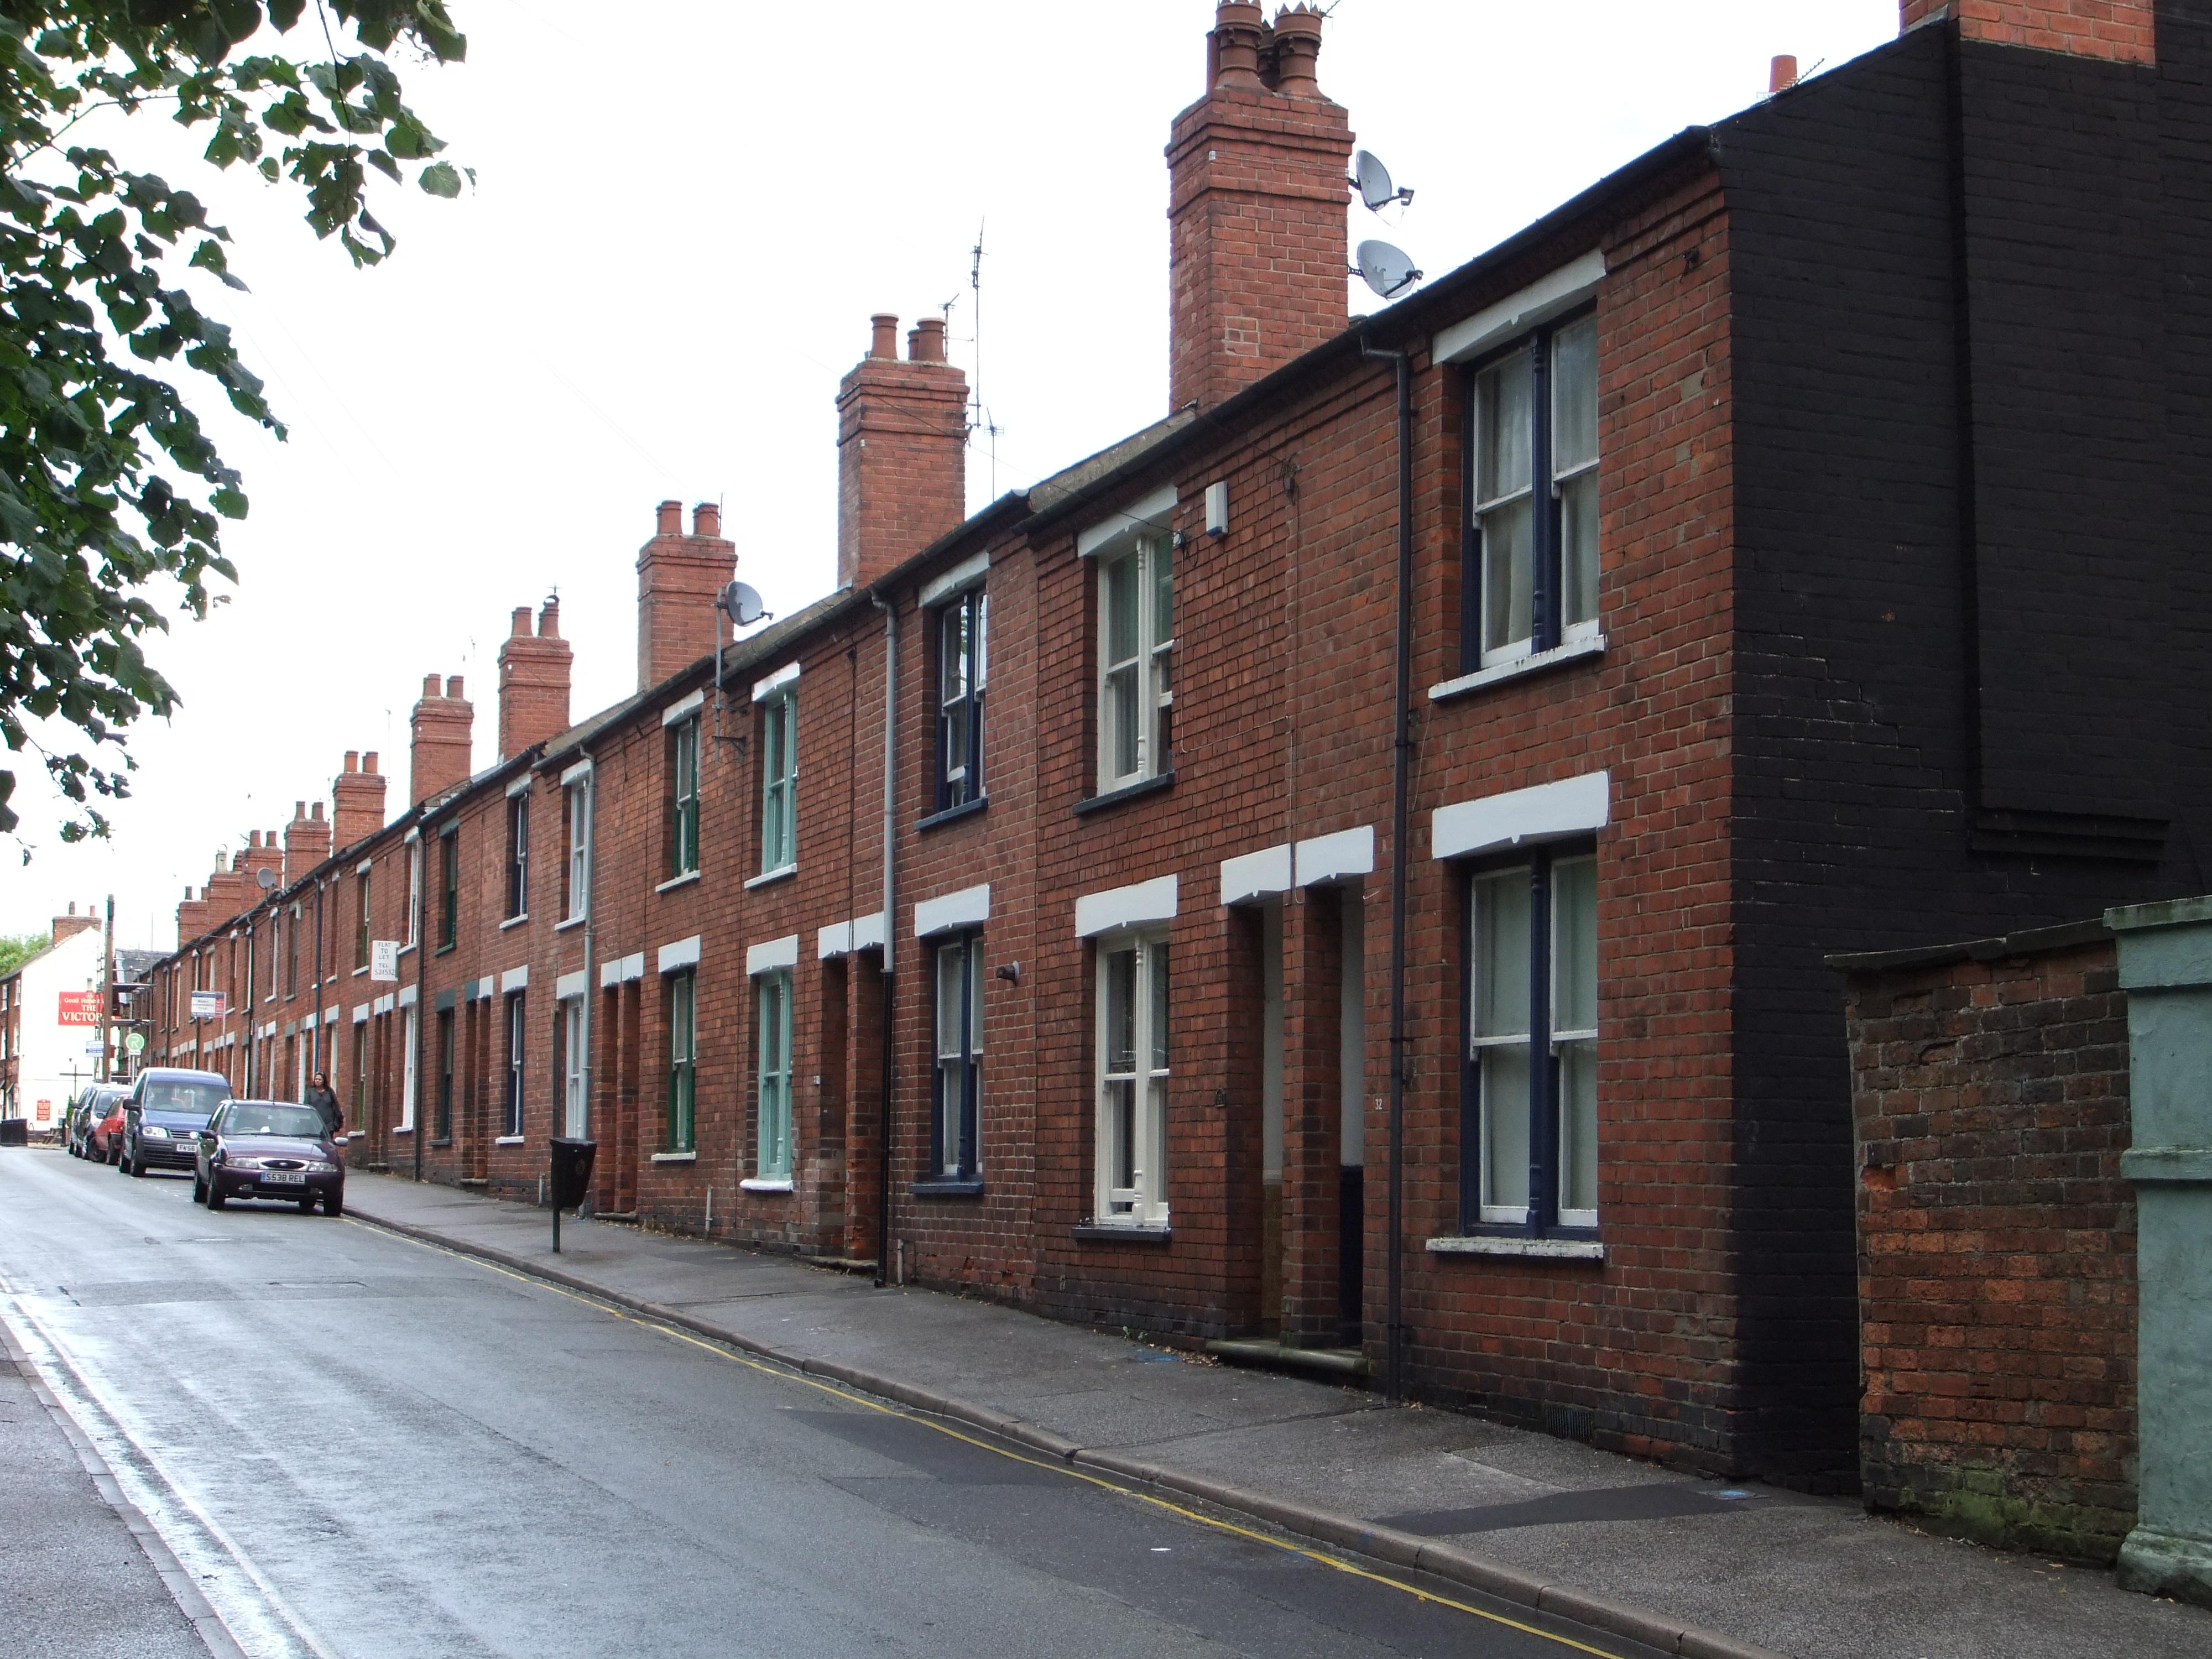 Filehouses on union road lincoln england dscf1630 jpg wikimedia